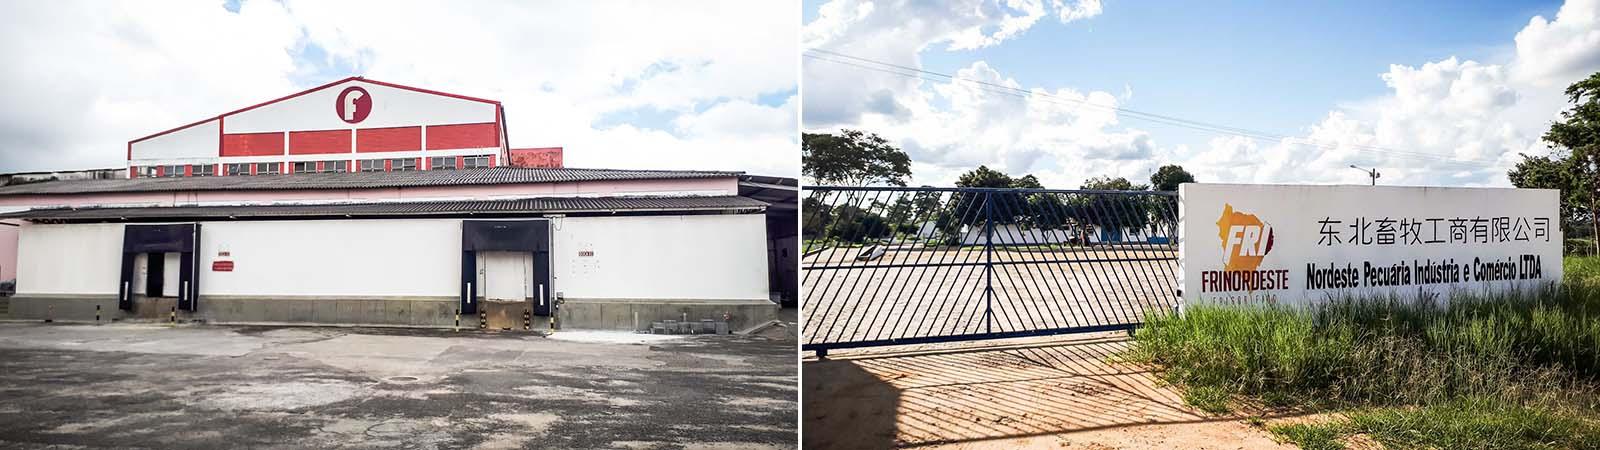 Crédito: Inês Campelo/MZ Conteúdo